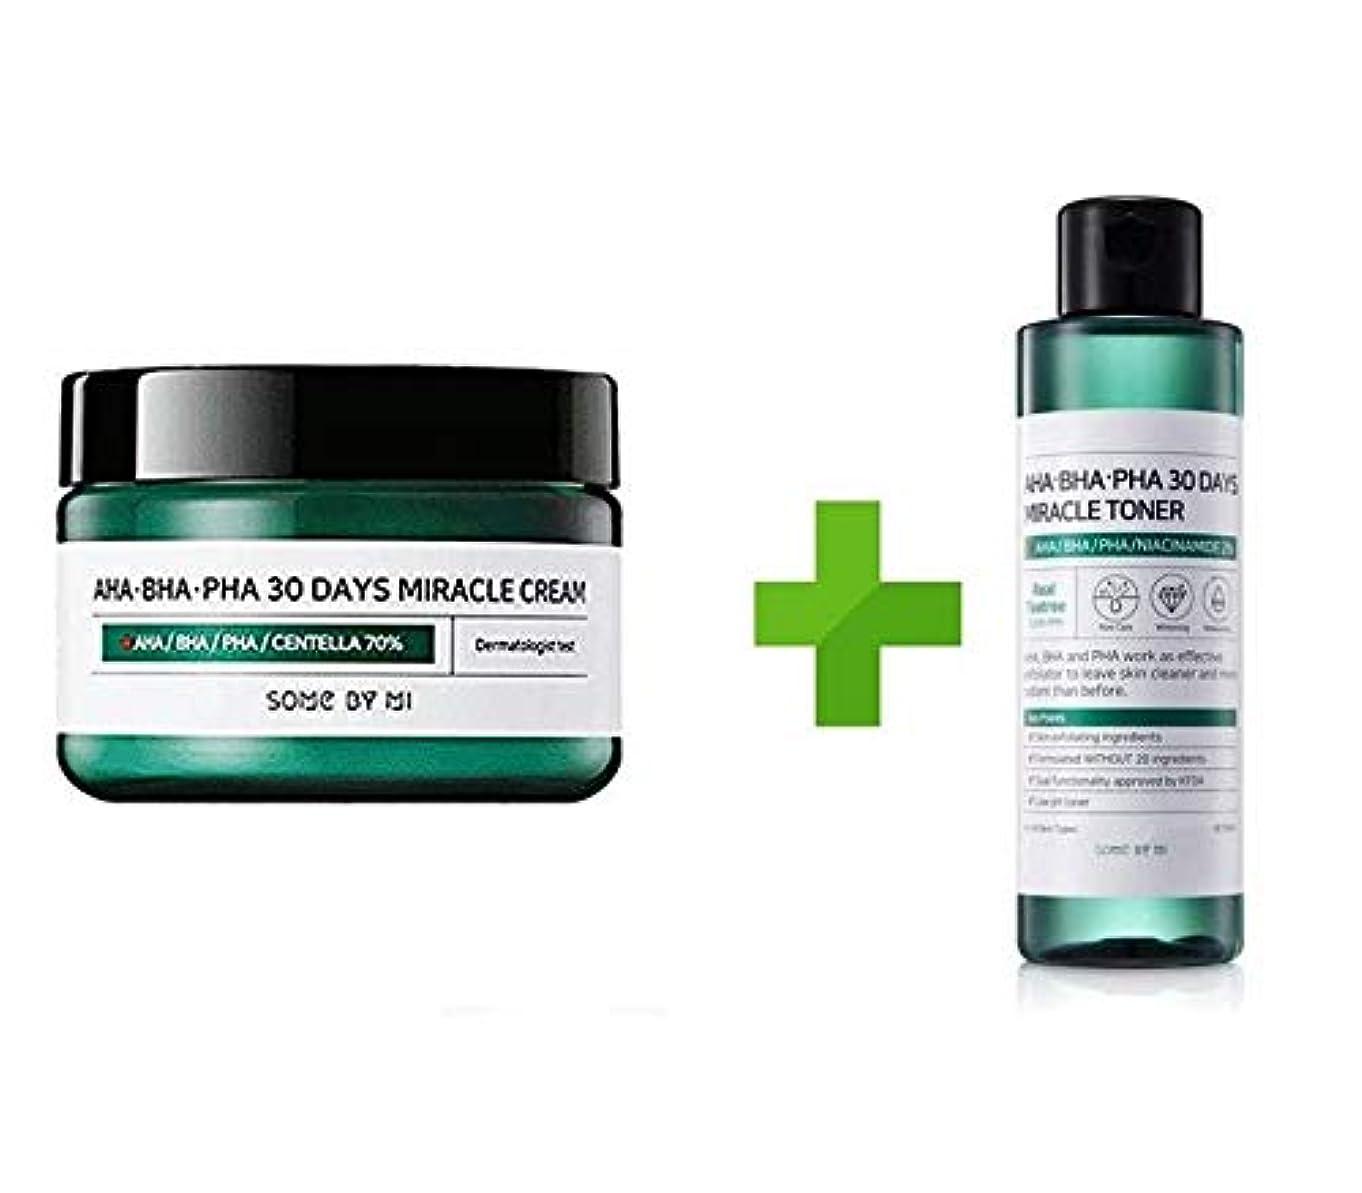 甥誇張する出身地Somebymi AHA BHA PHA Miracle Cream (50ml + Toner 150ml)Skin Barrier & Recovery, Soothing with Tea Tree 10,000ppm for Wrinkle & Whitening/Korea Cosmetics [並行輸入品]